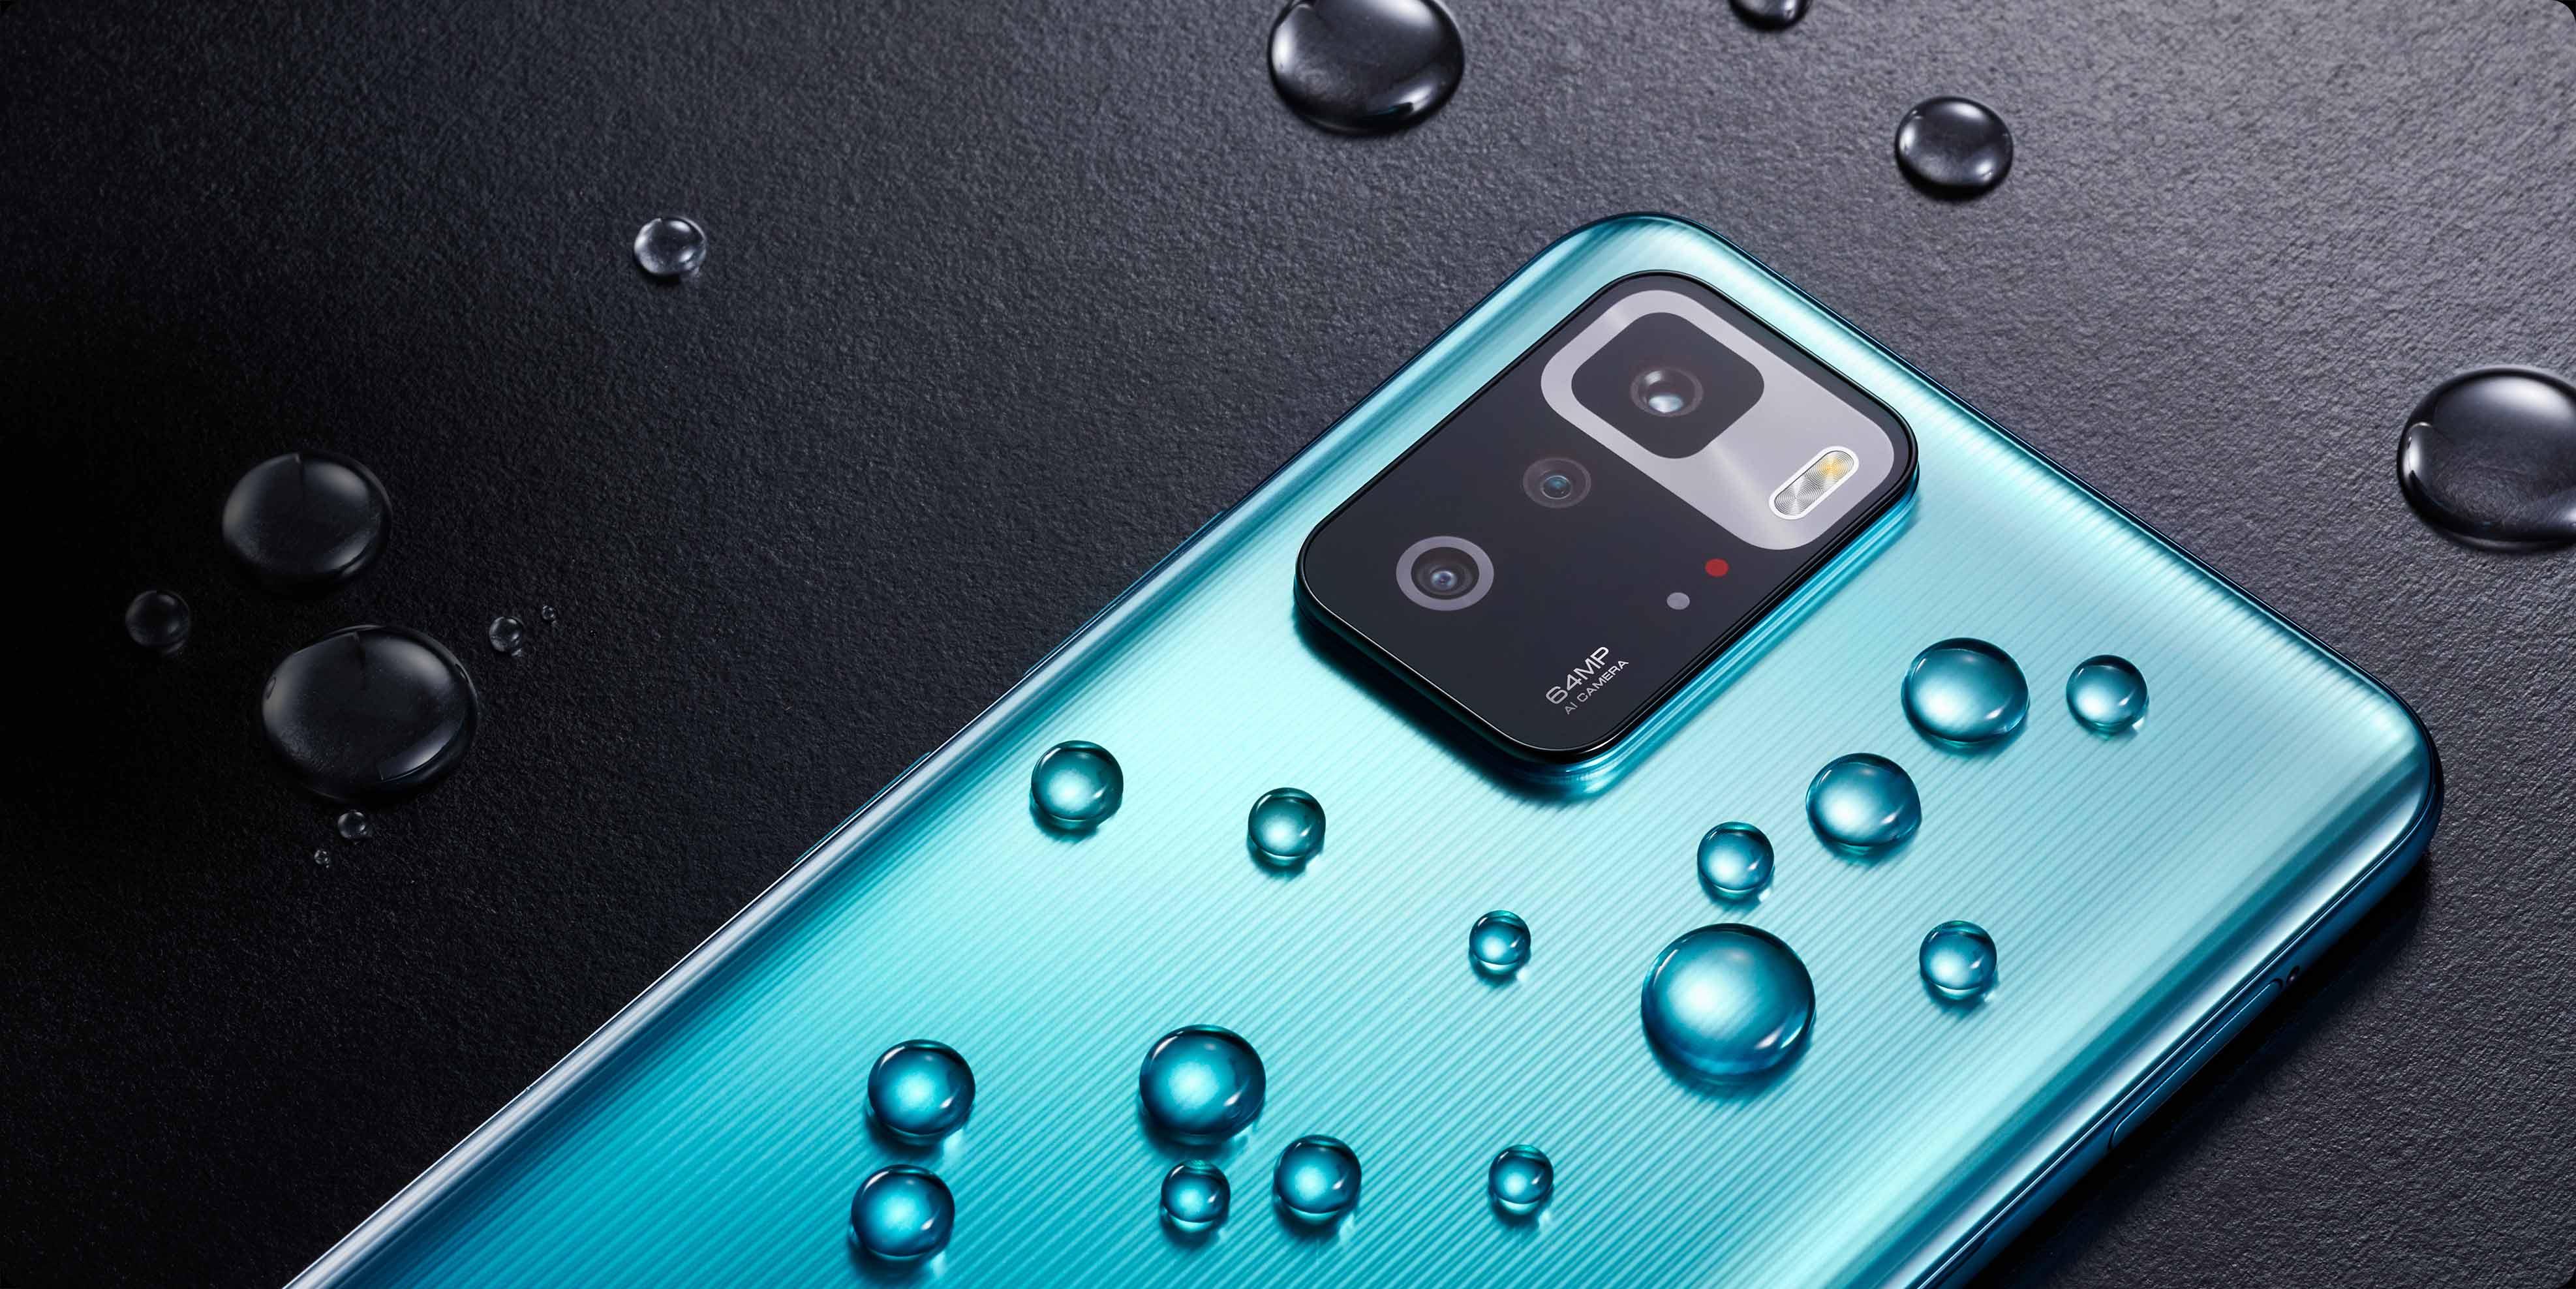 POCO X3 GT/Redmi Note 10 Pro (China)